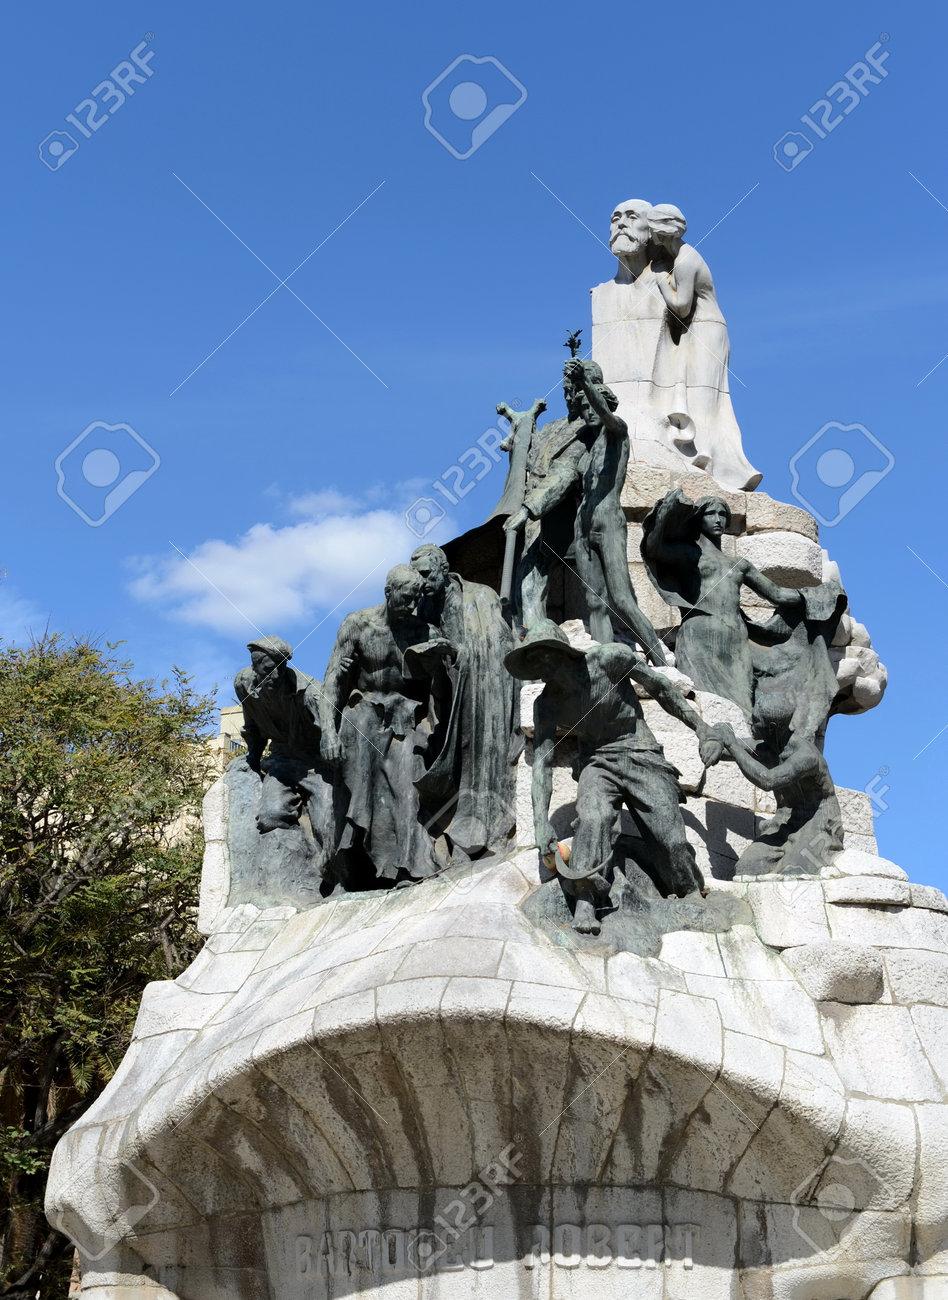 Fountain-memorial to Dr. Bartolamew Robert at Tetuan Square in Barcelona. - 85918616